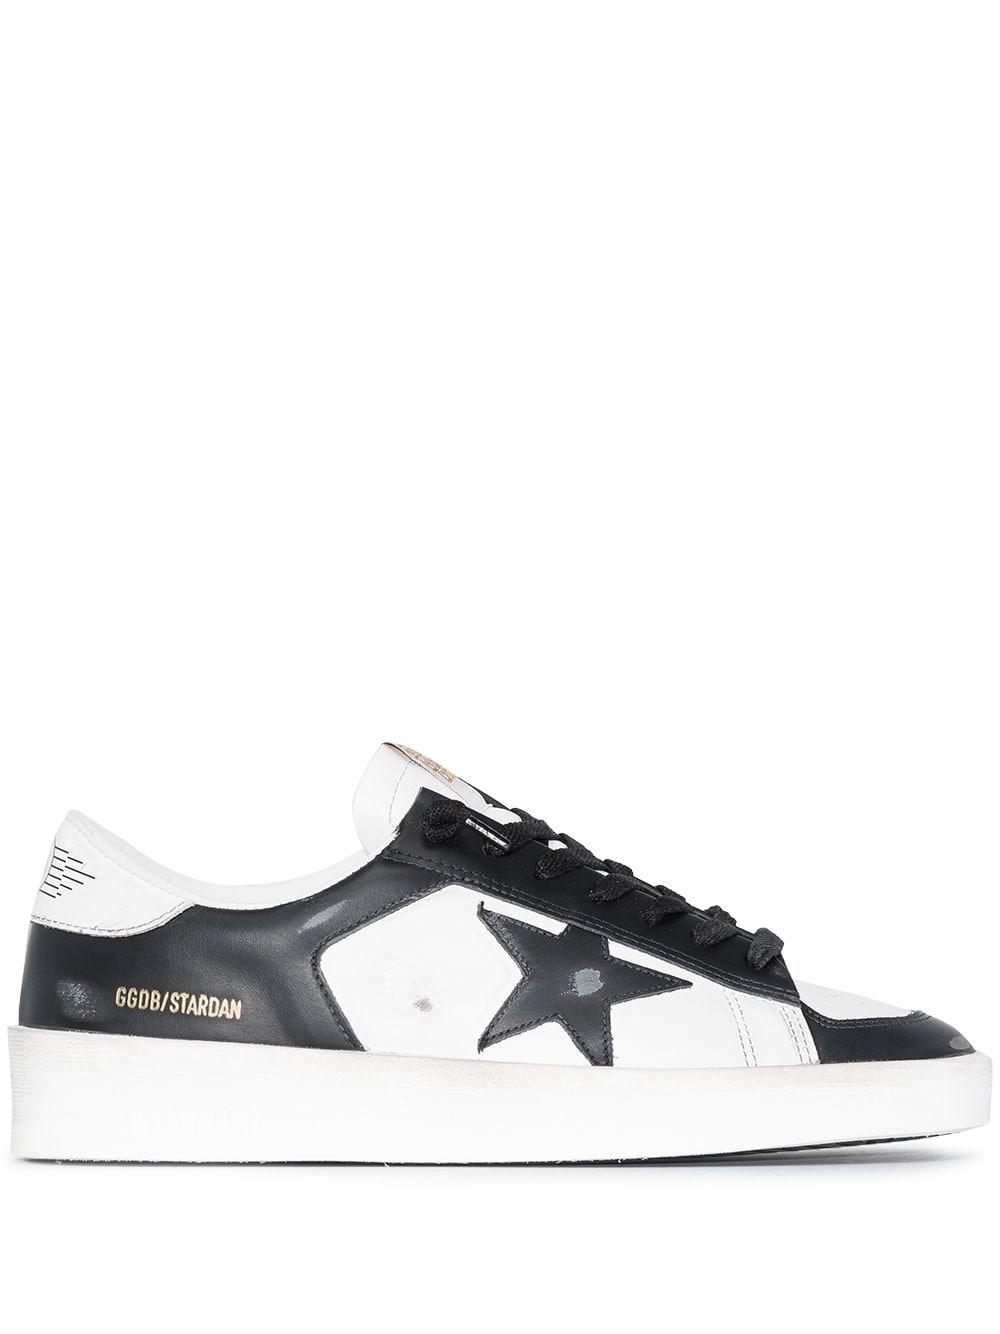 Picture of Golden Goose Deluxe Brand   Stardan Low Top Sneakers